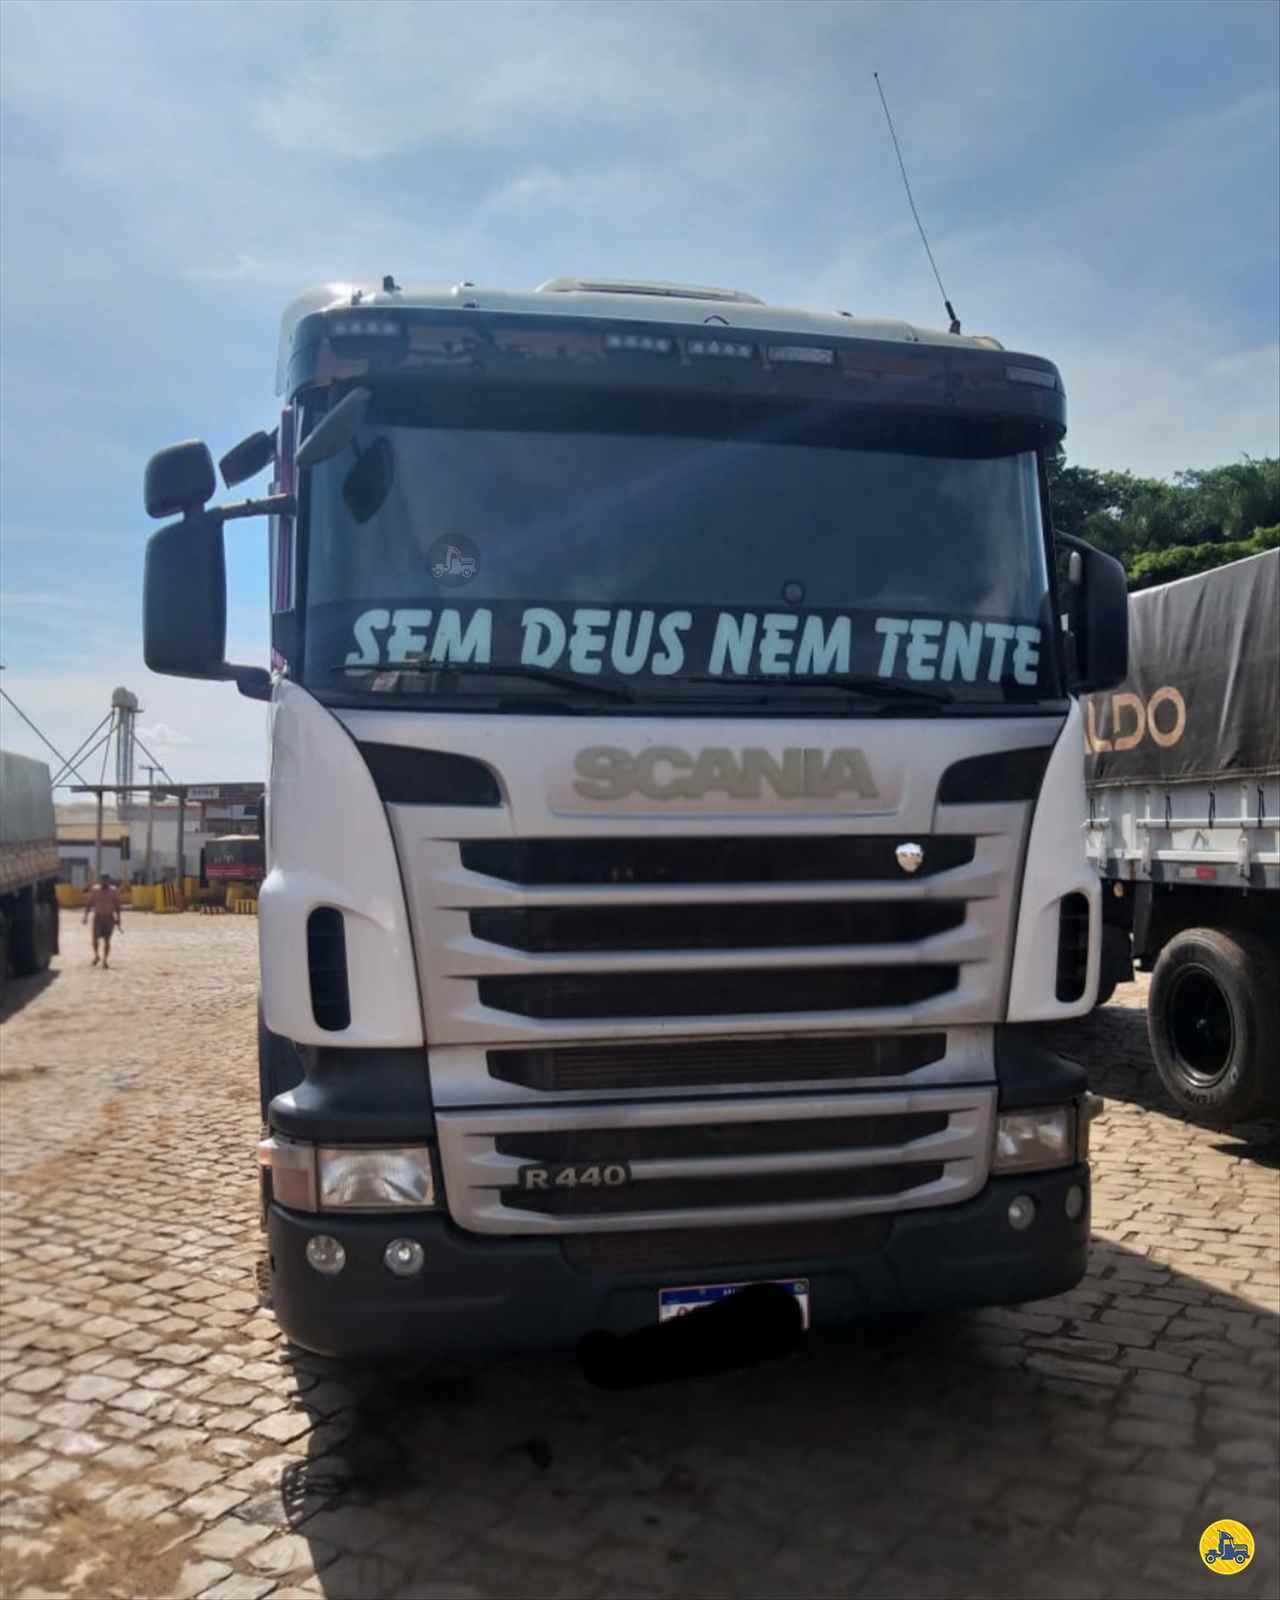 CAMINHAO SCANIA SCANIA 440 Cavalo Mecânico Truck 6x2 Porssionatto Caminhões RIO VERDE GOIAS GO